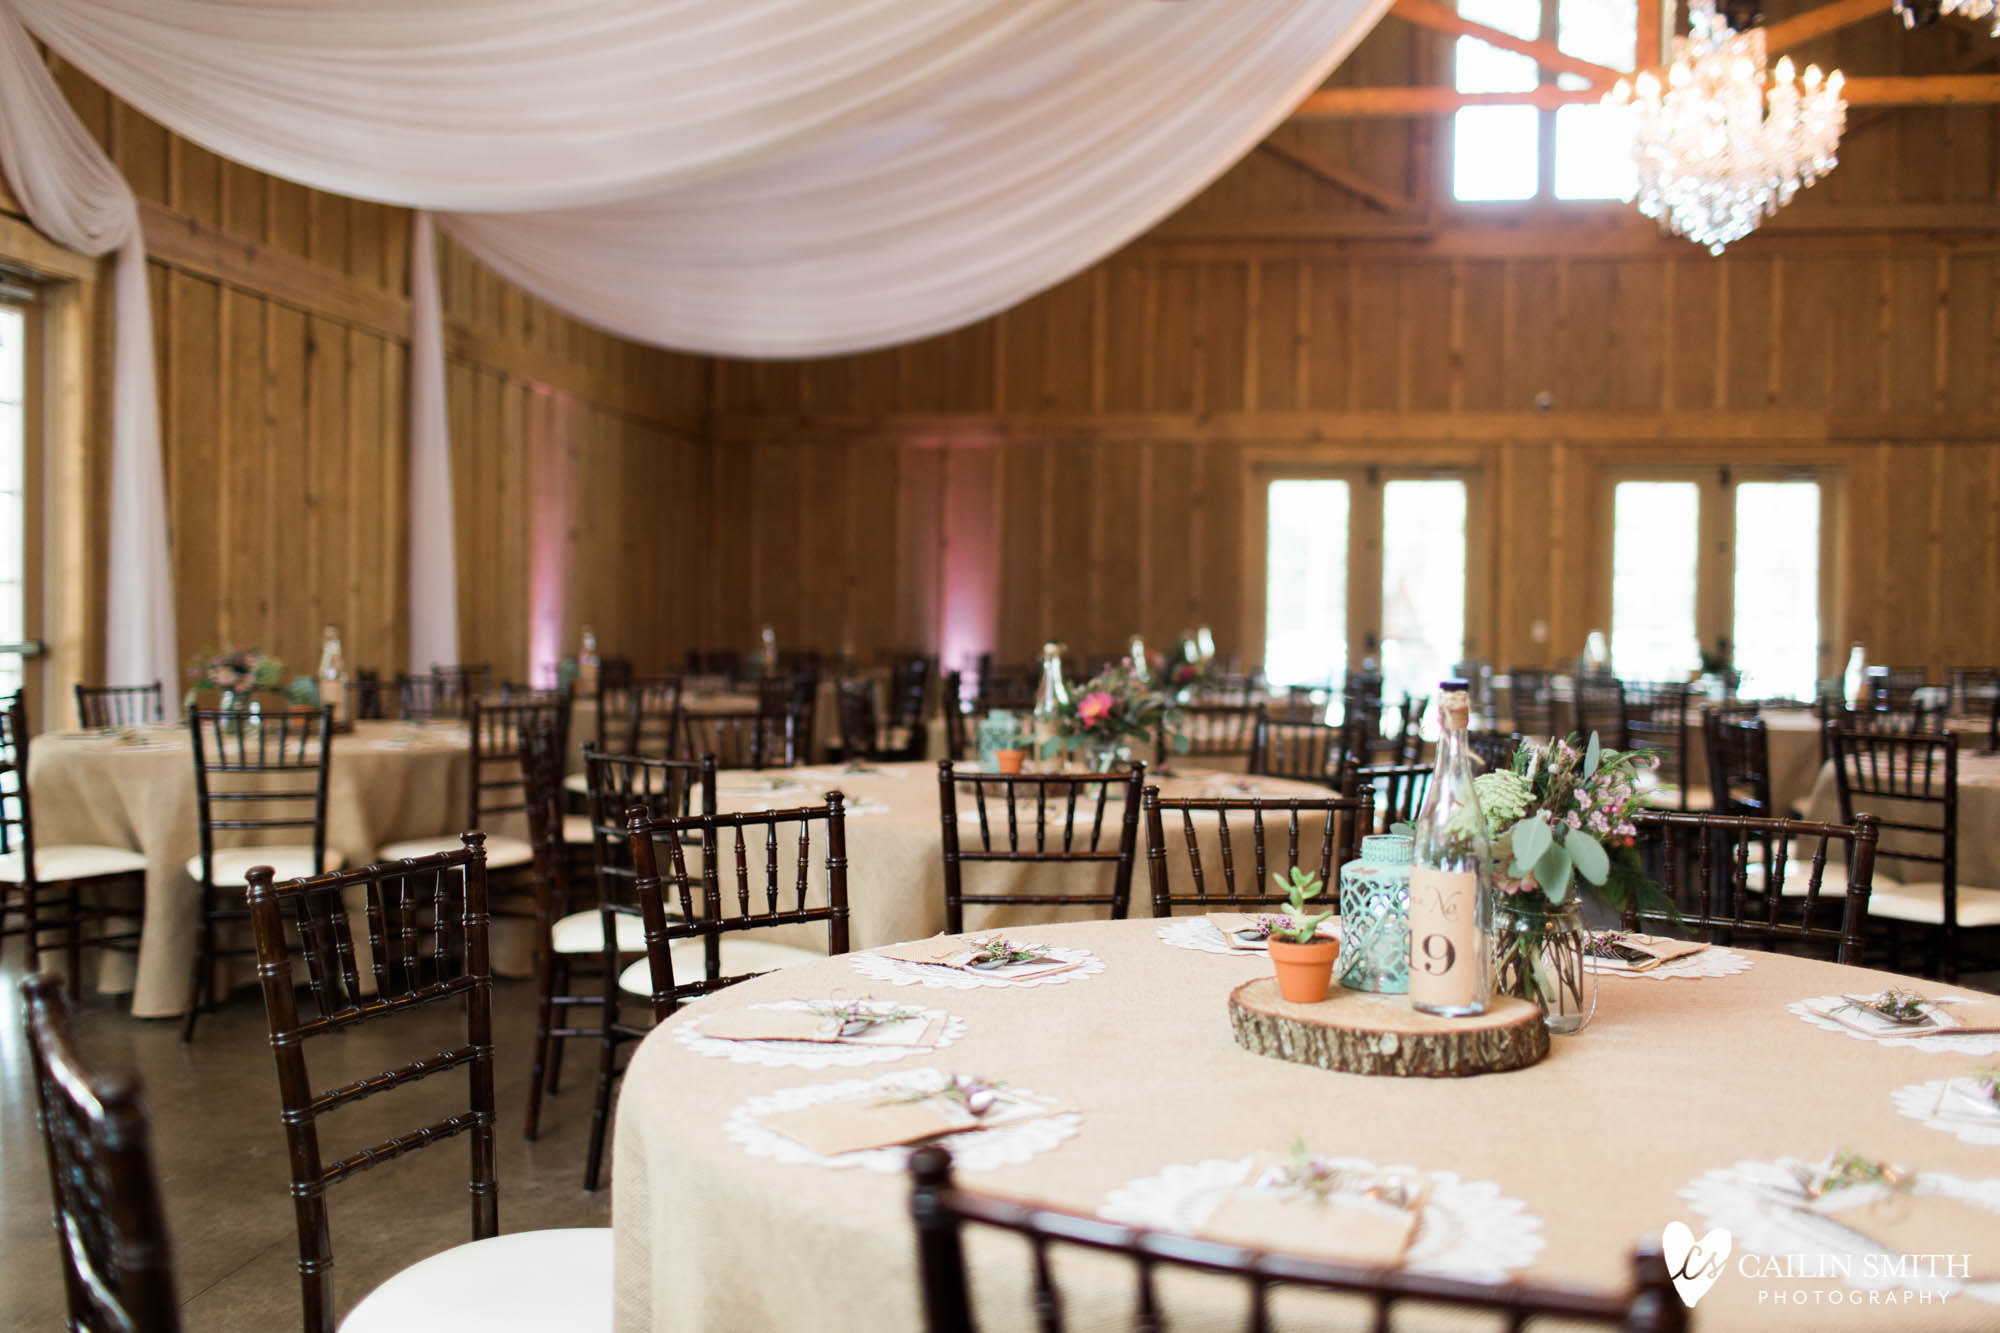 Bethany_Kyle_Bowing_Oaks_Plantation_Wedding_Photography_0094.jpg